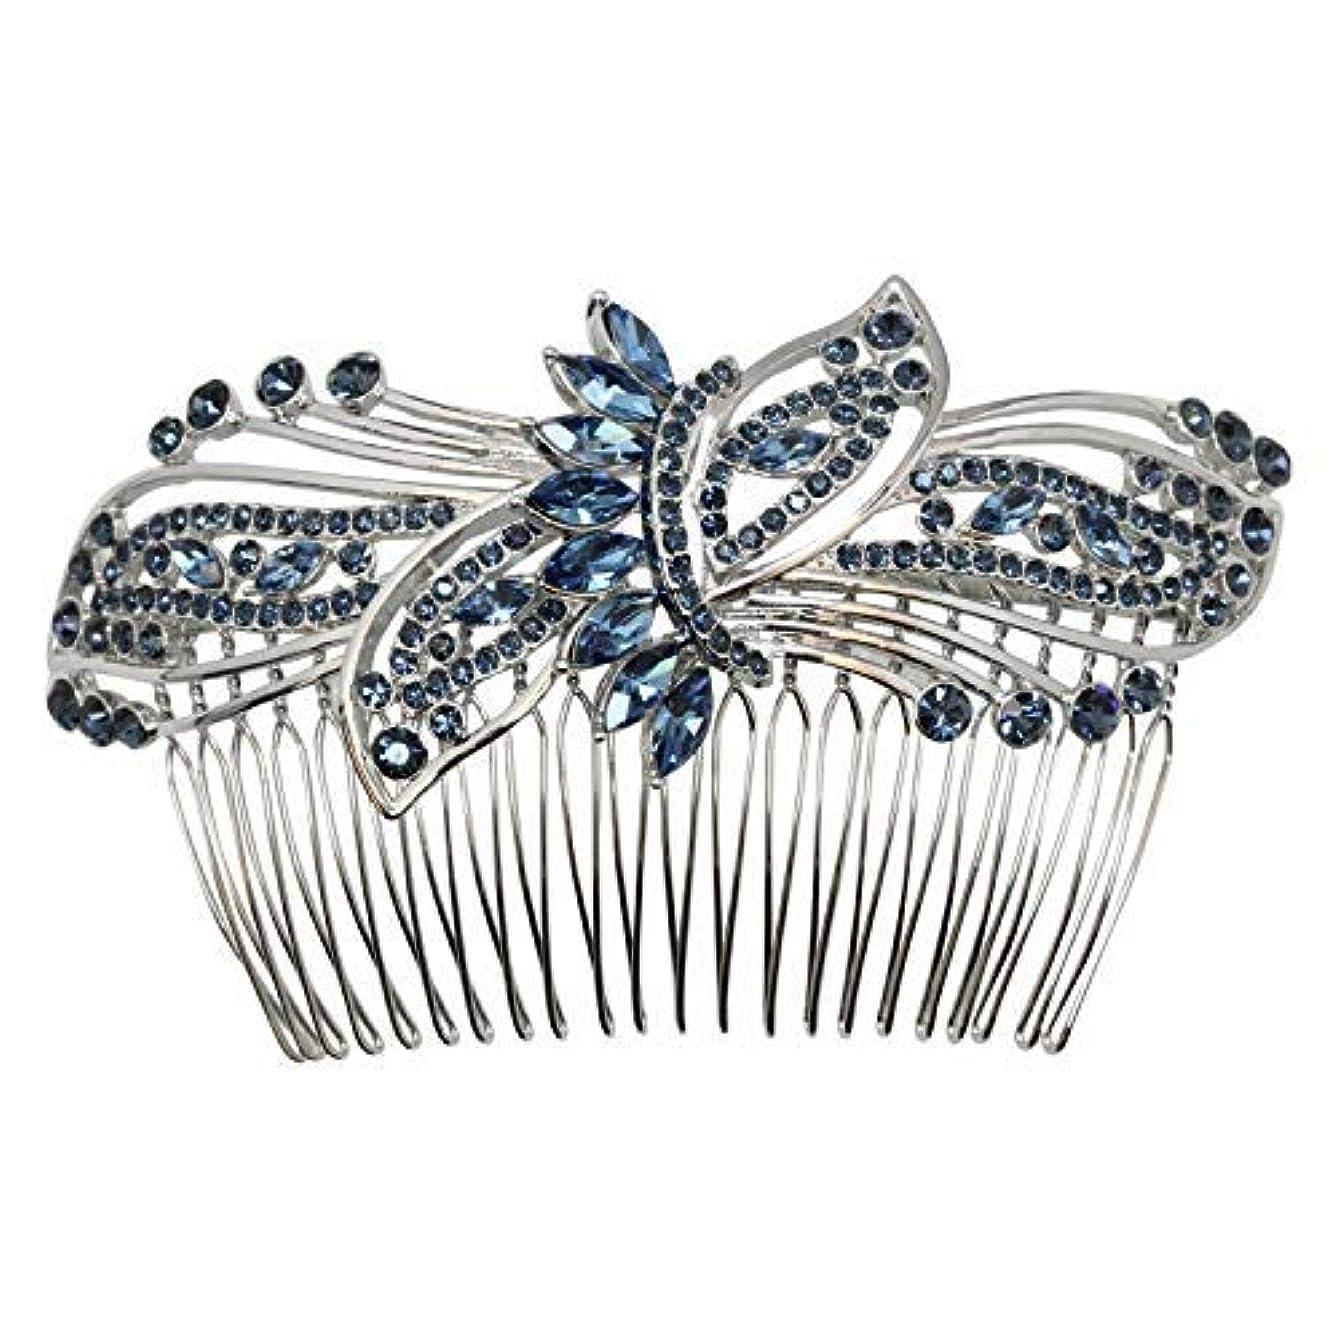 プレビューペイントシエスタFaship Gorgeous Navy Blue Rhinestone Crystal Huge Floral Hair Comb [並行輸入品]